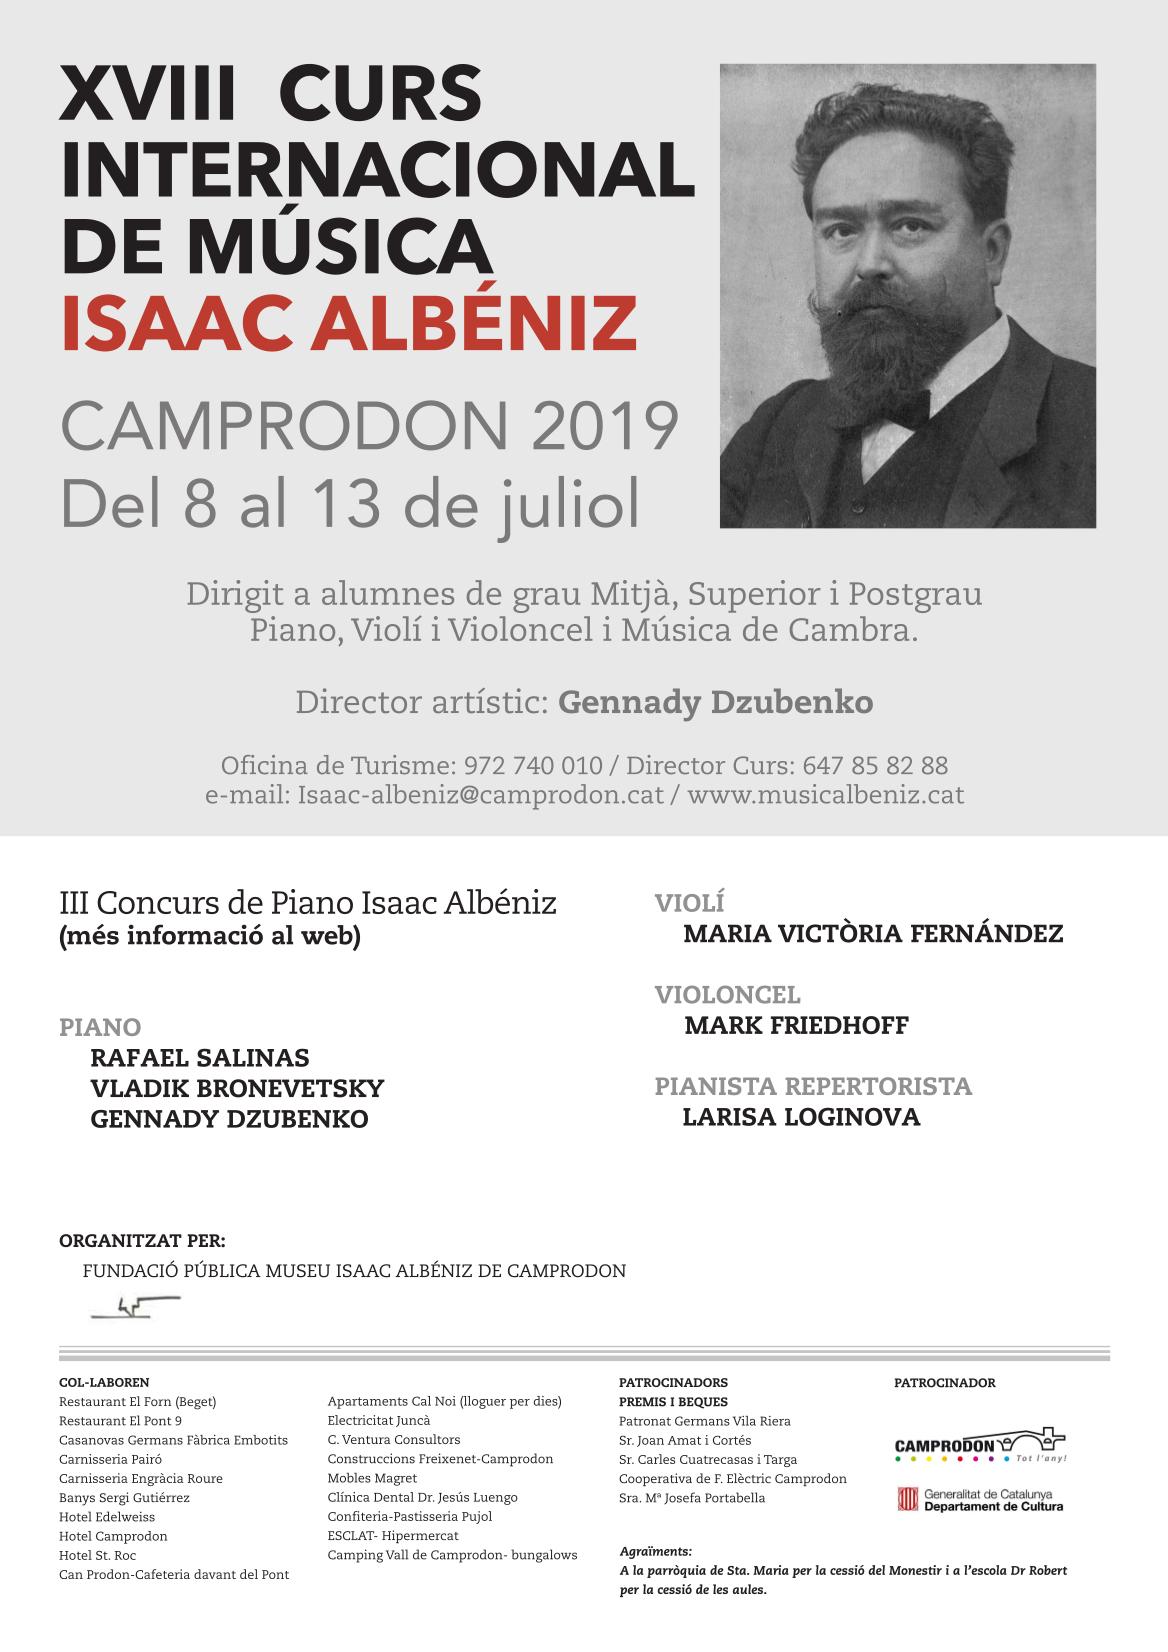 El CURS INTERNACIONAL DE MÚSICA ISAAC ALBÉNIZ DE CAMPRODON 2019